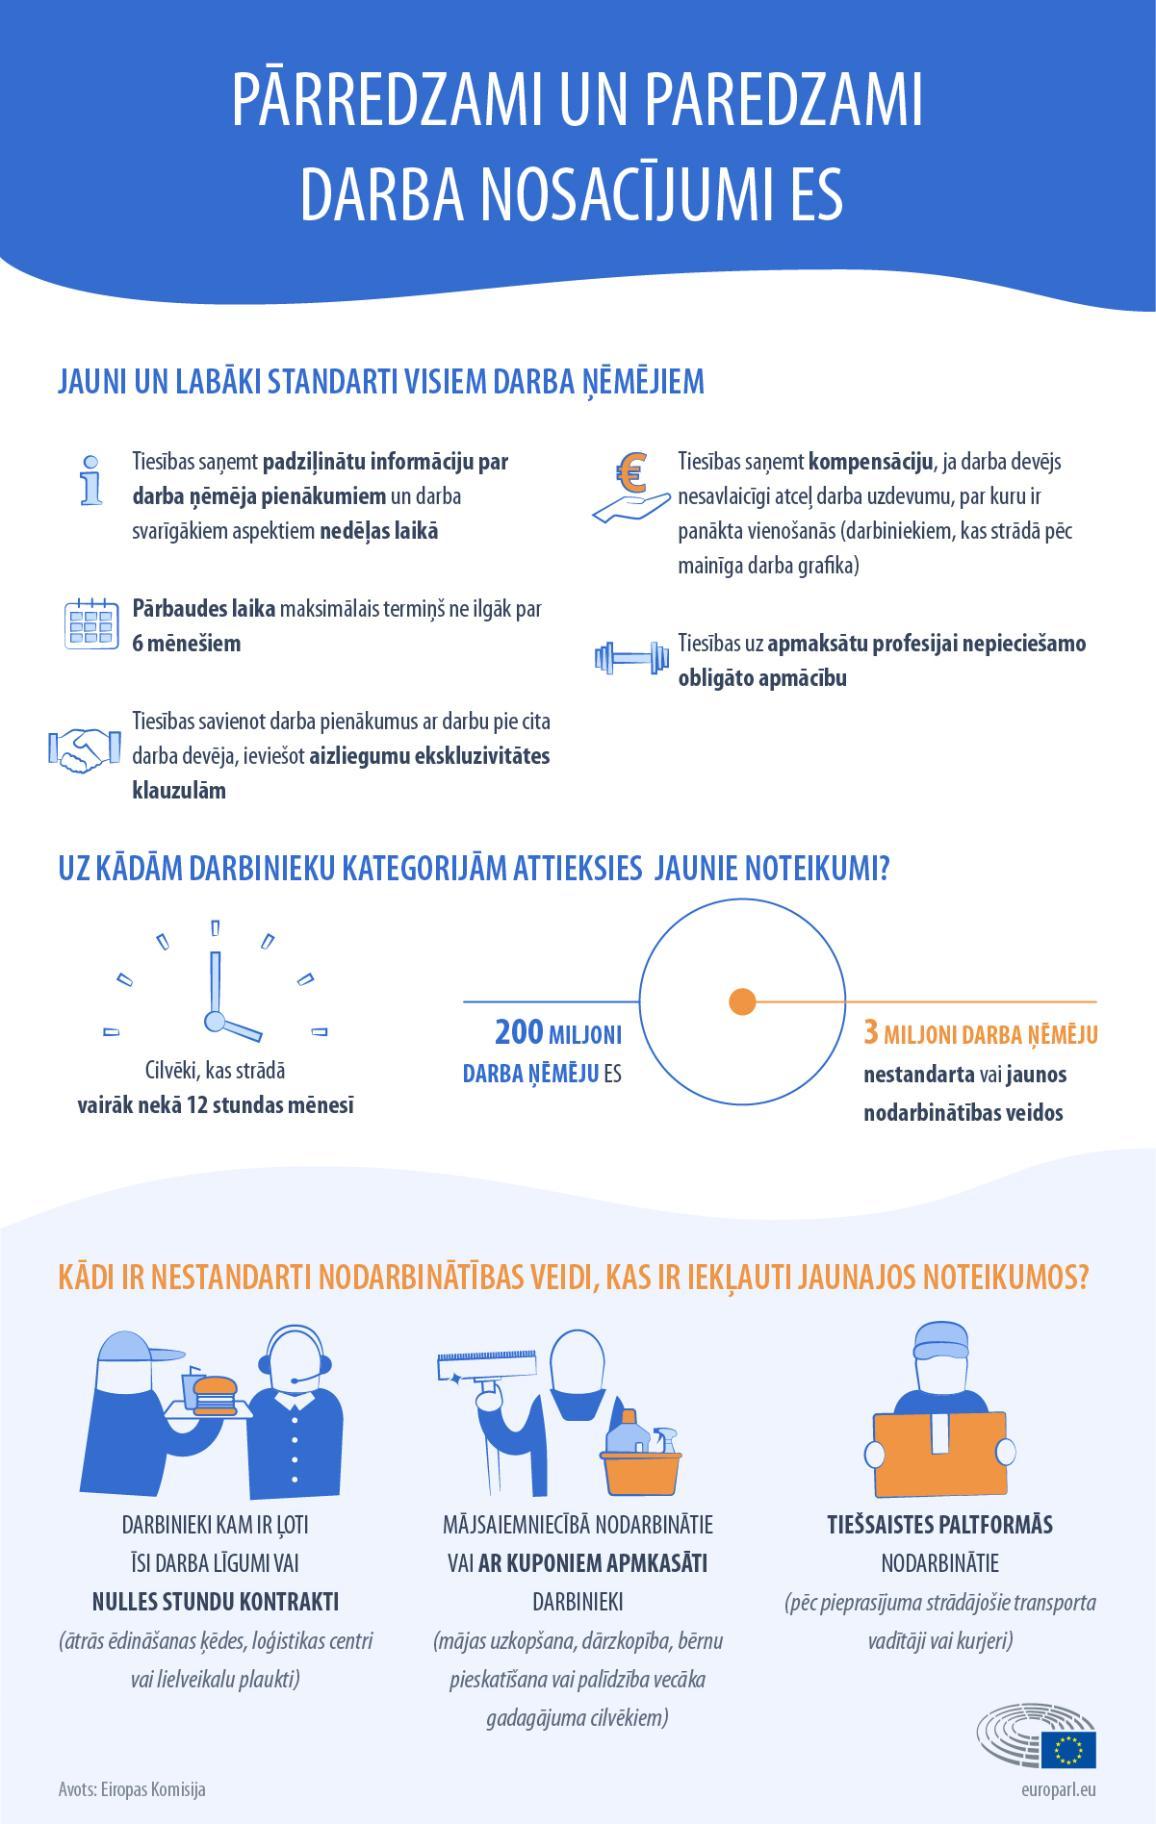 Infografikā izskaidrotas Jaunās ES tiesības gadījuma darba ekonomikas darbiniekiem un darba ņēmējiem, kas veic nestandartus darbus.